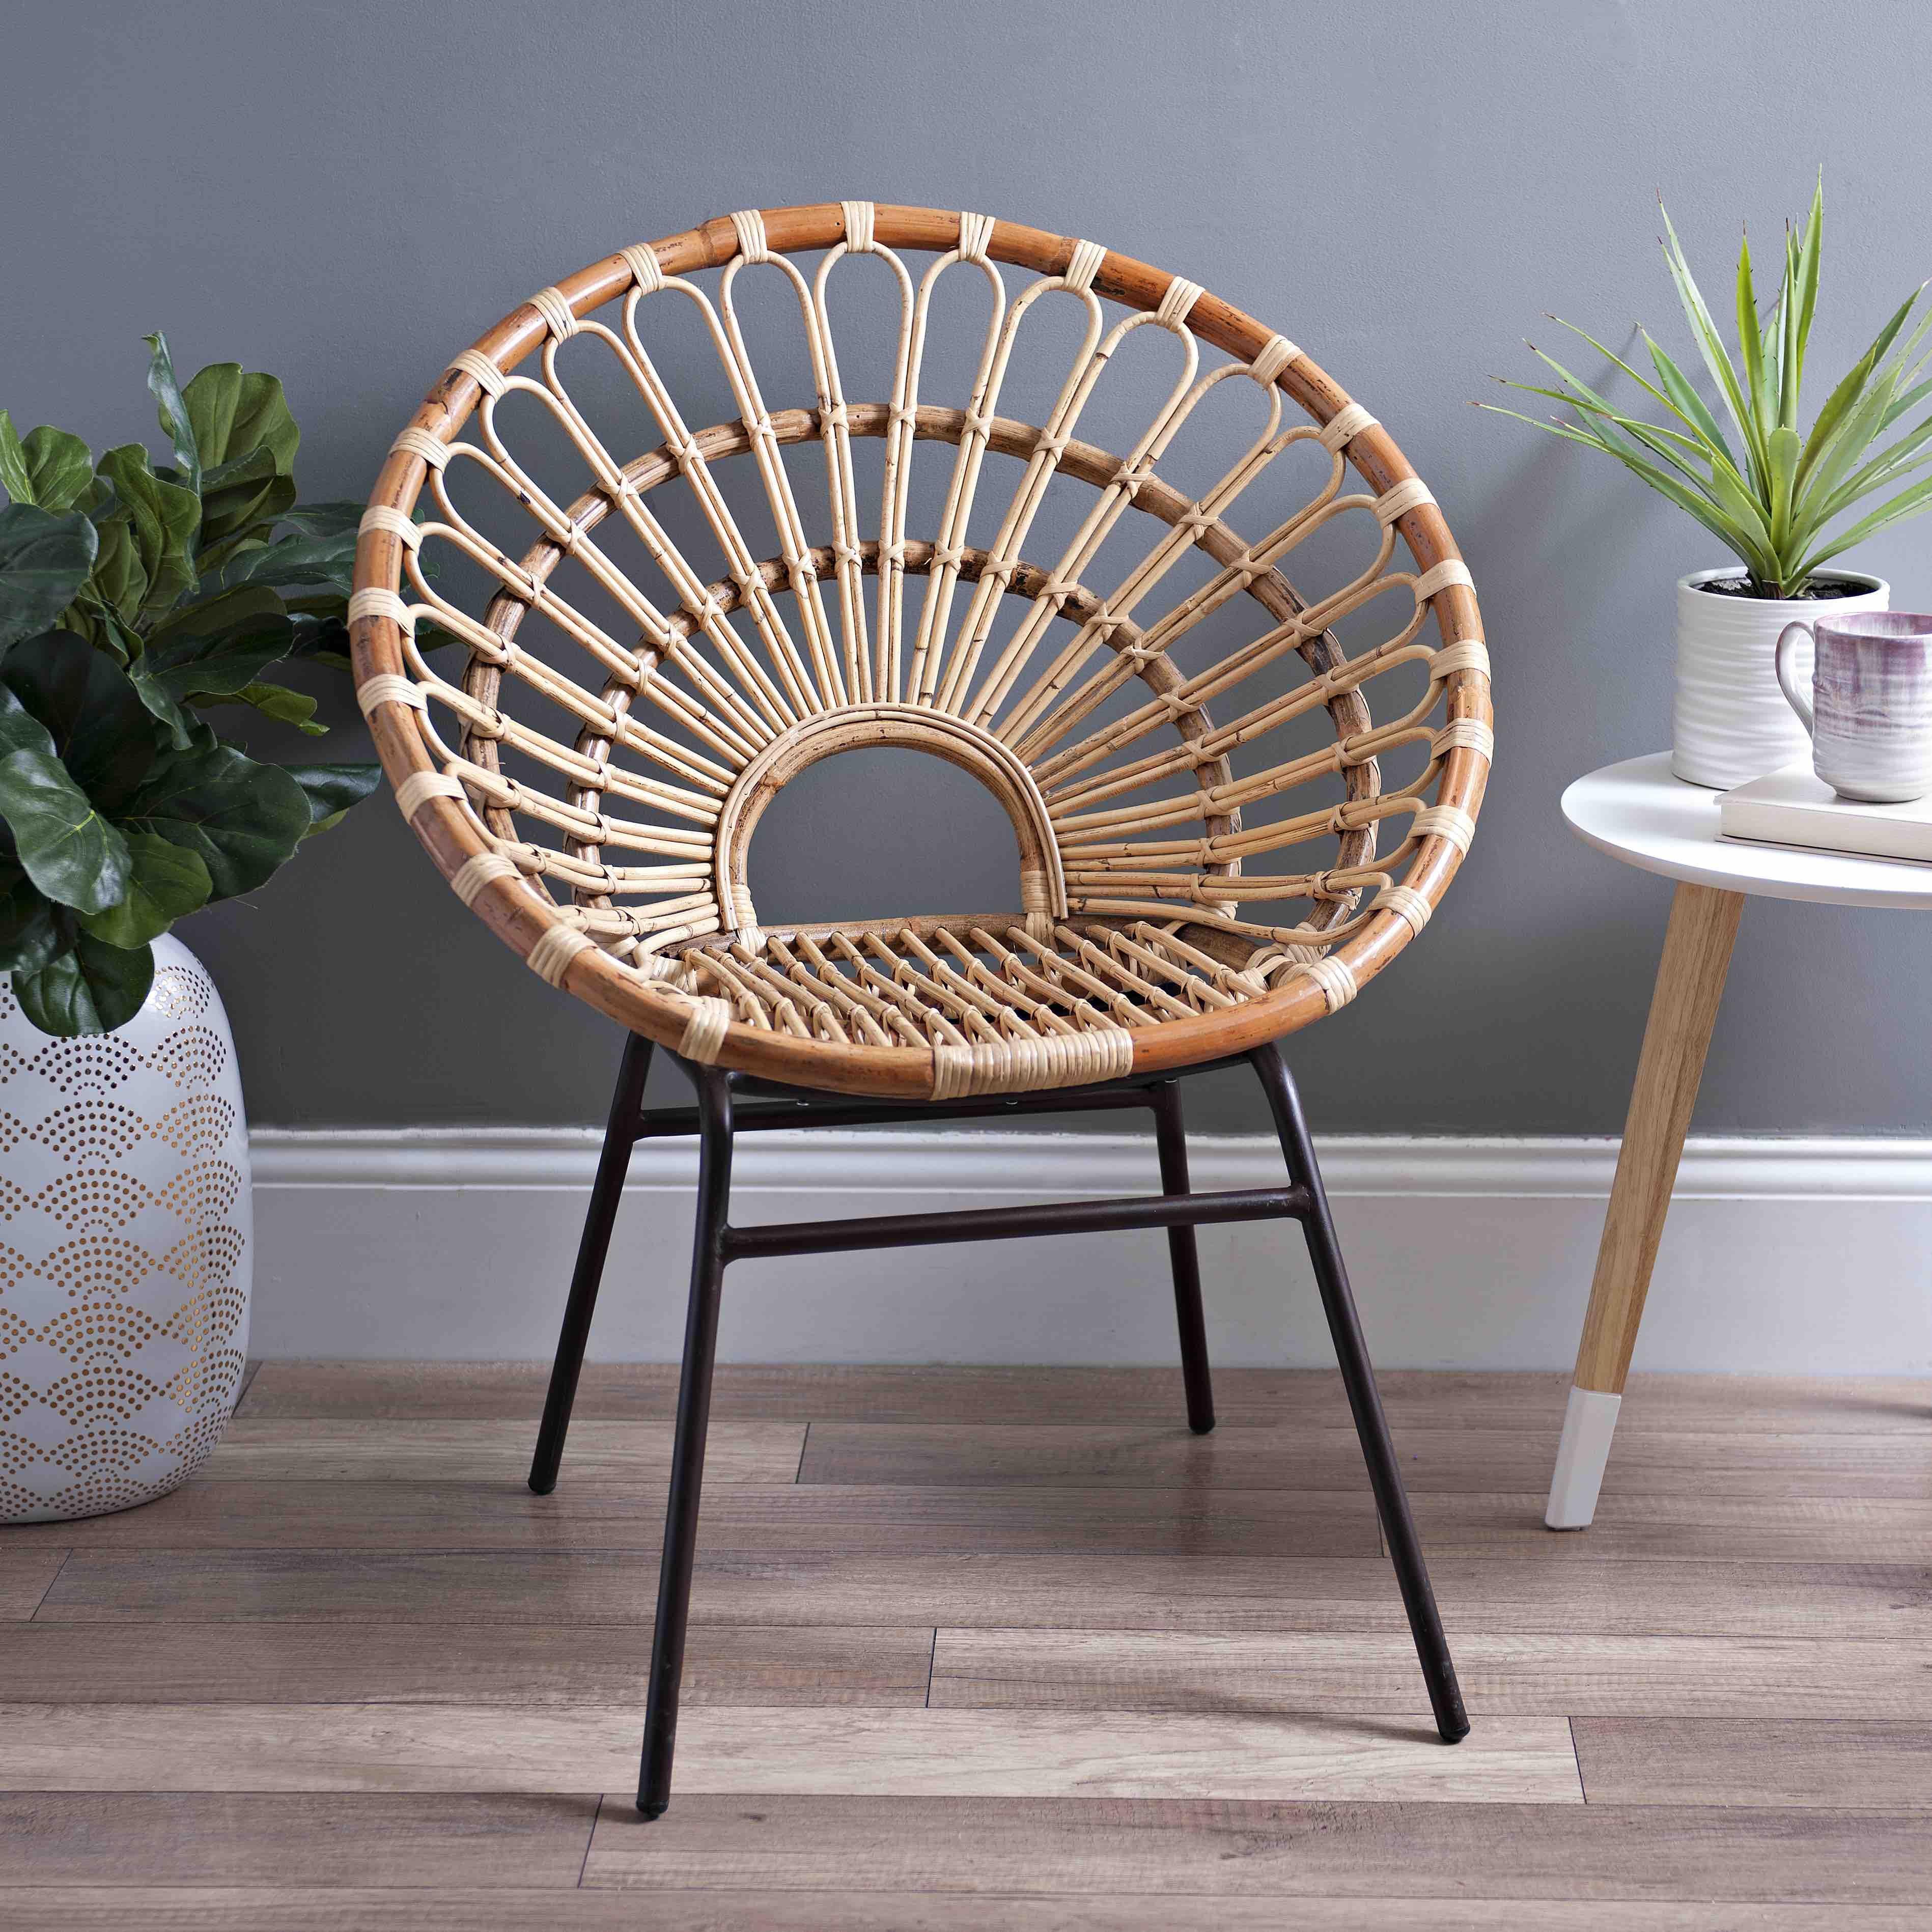 Dana Rattan Chair Rattan Chair Living Room Rattan Chair Boho Chair